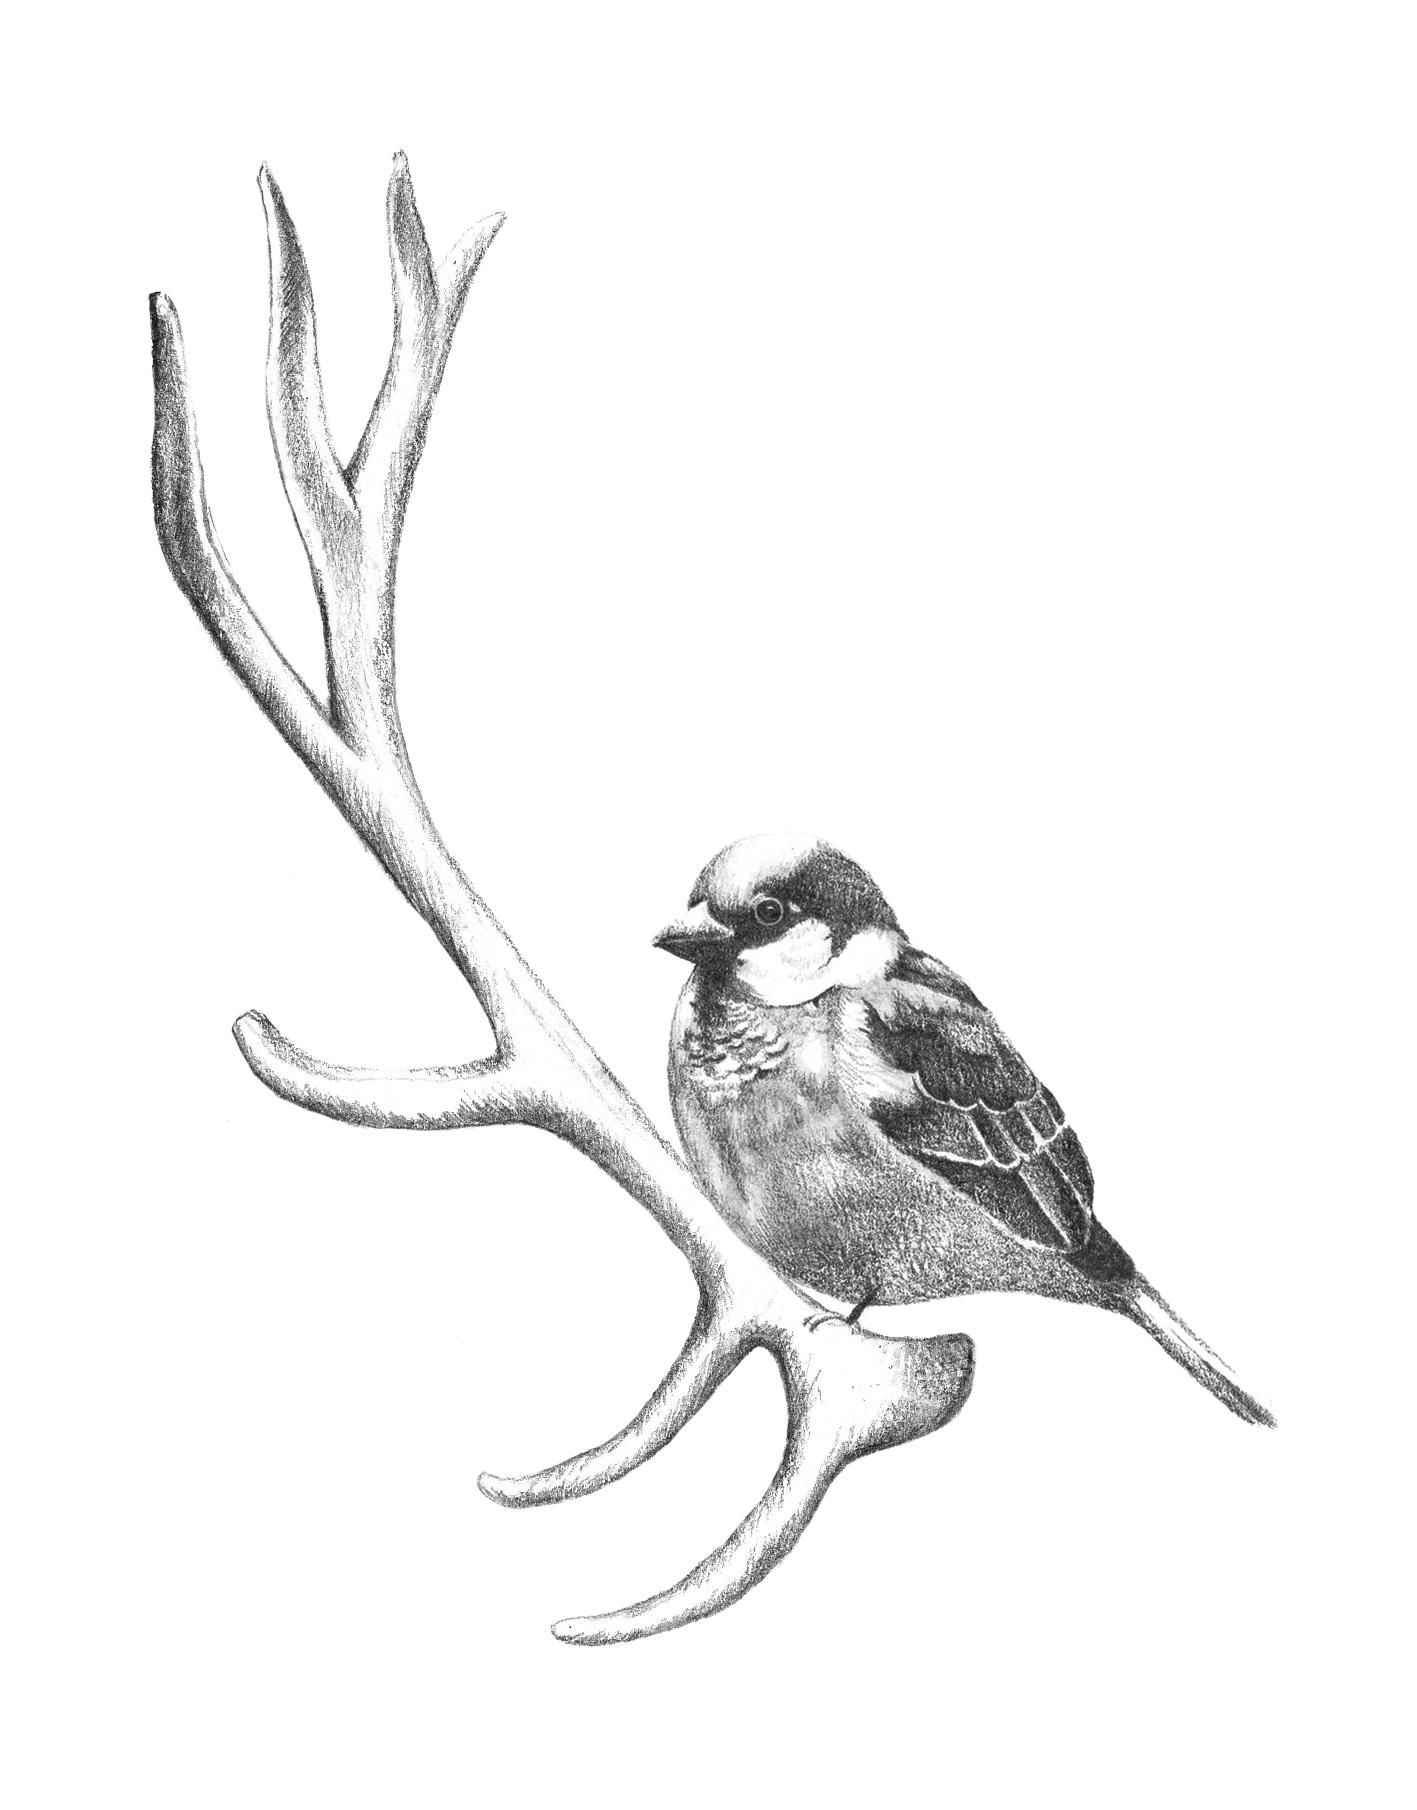 bird on antler copy.jpg